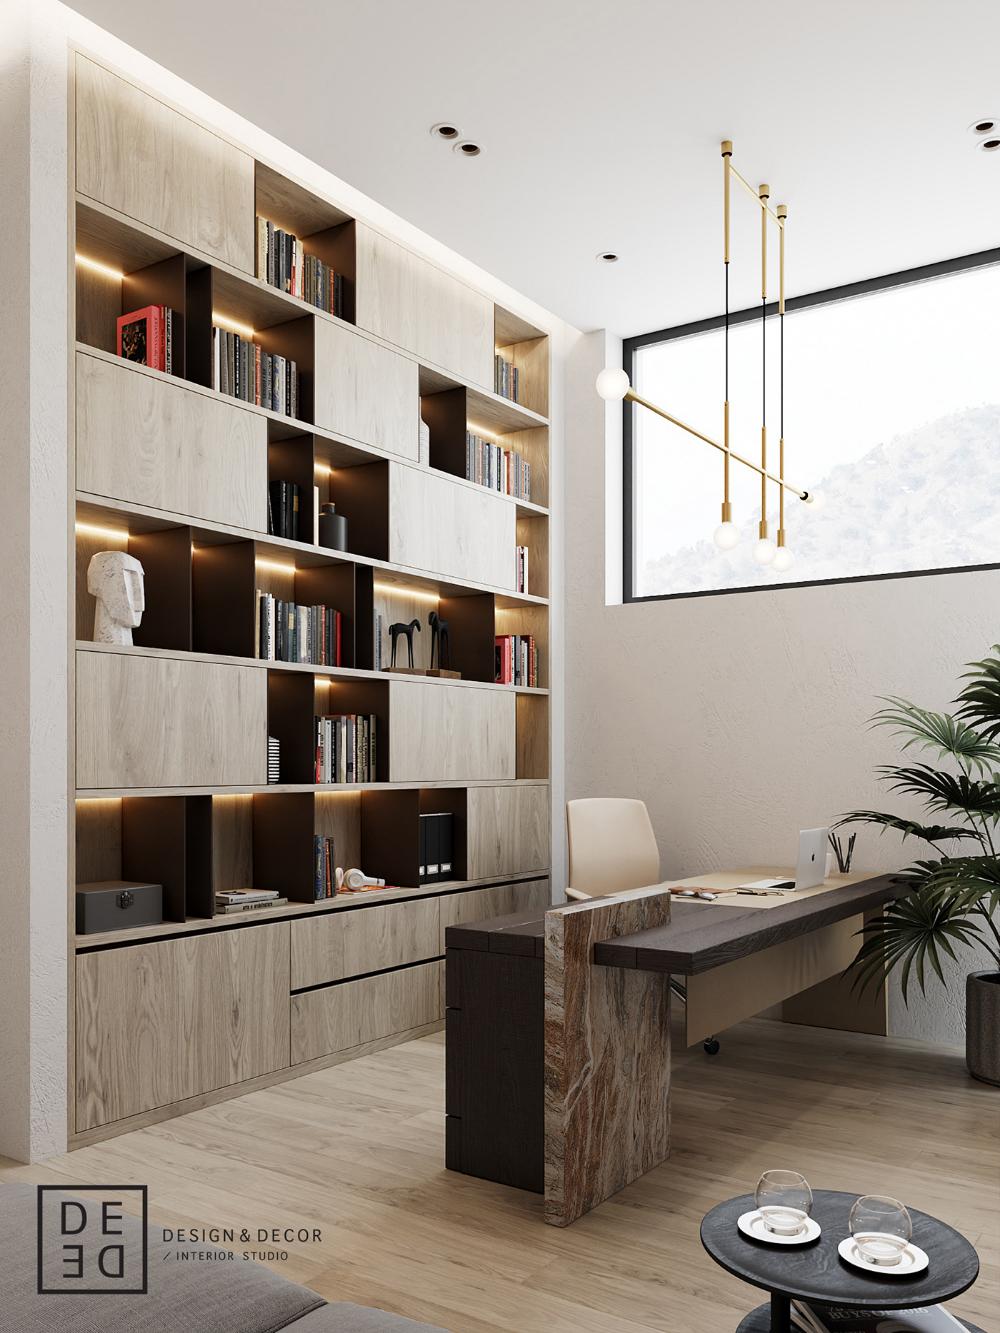 De De Studio On Behance Arquitectura Interior Interiores